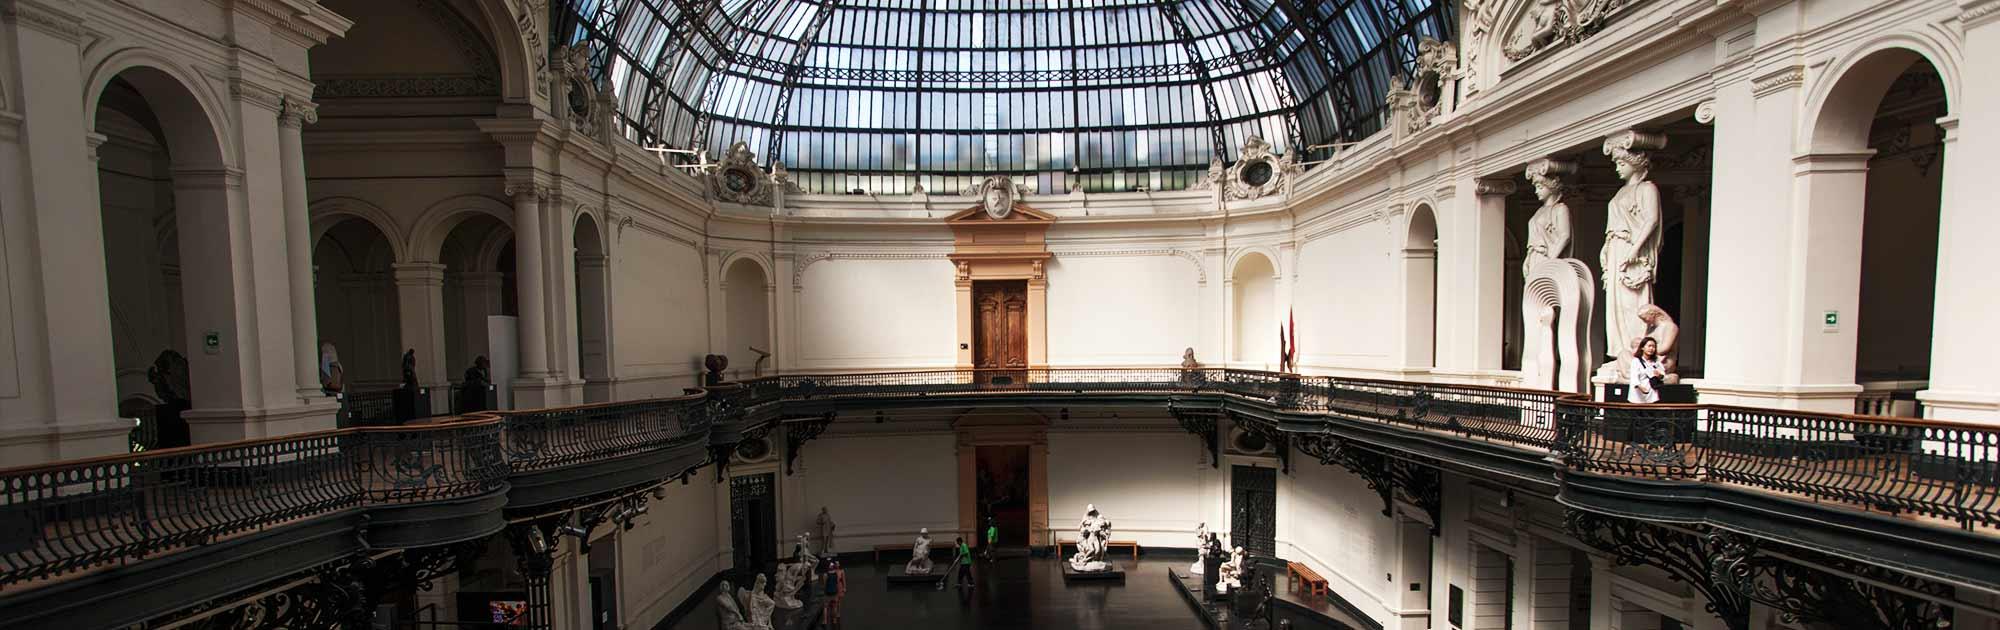 cabecera Museo de Bellas Artes